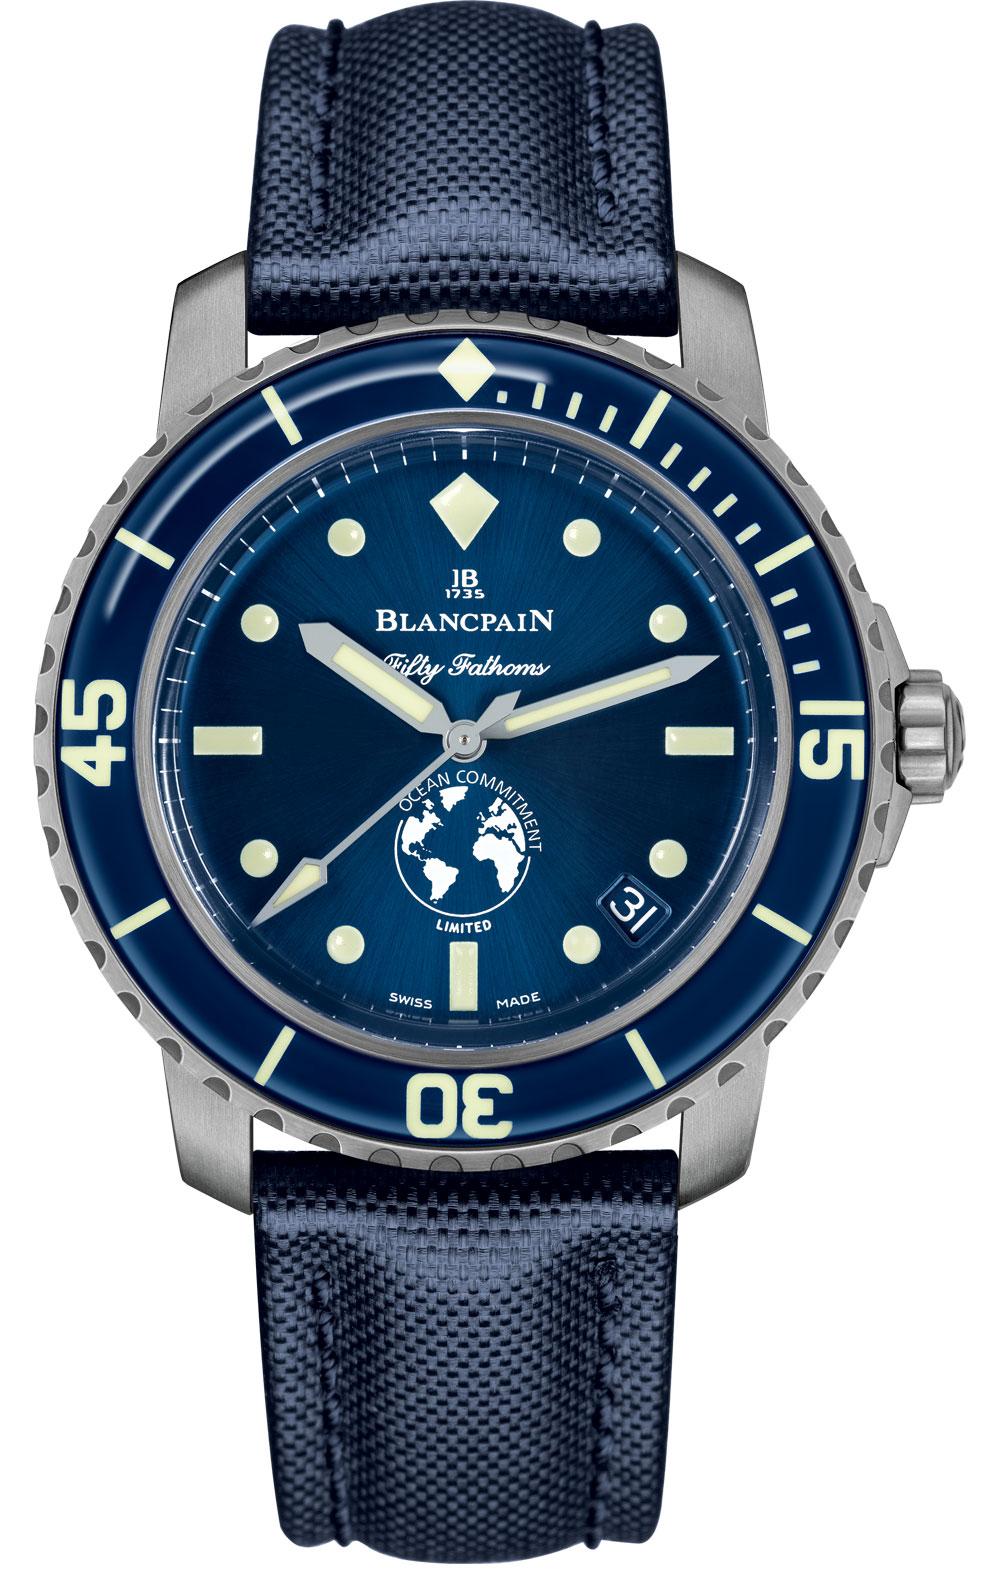 Esfera del reloj de buceo Fifty Fathoms Ocean Commitment III de Blancpain edición limitada 250 ejemplares